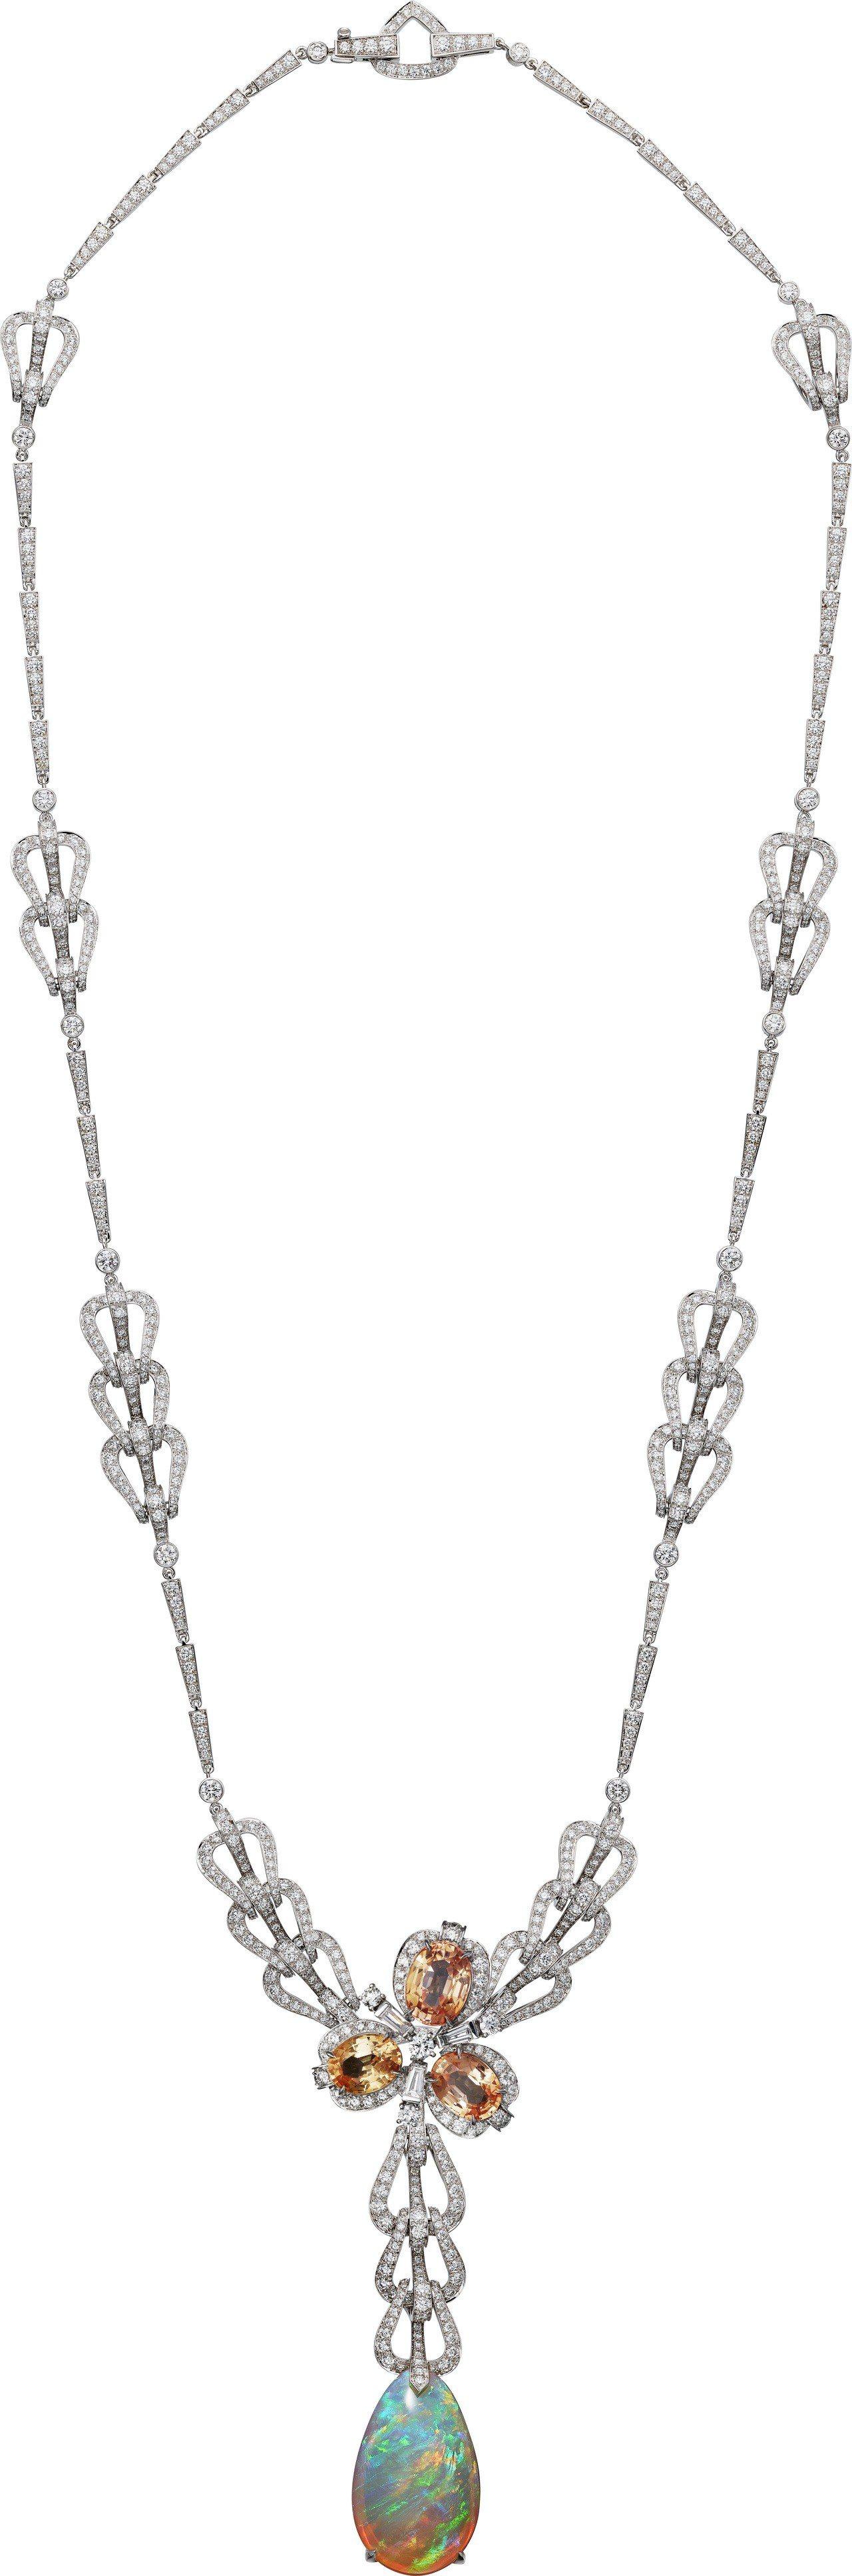 卡地亞COLORATURA系列TOSCA蛋白石項鍊,白K金鑲嵌衣索比亞蛋白石24...